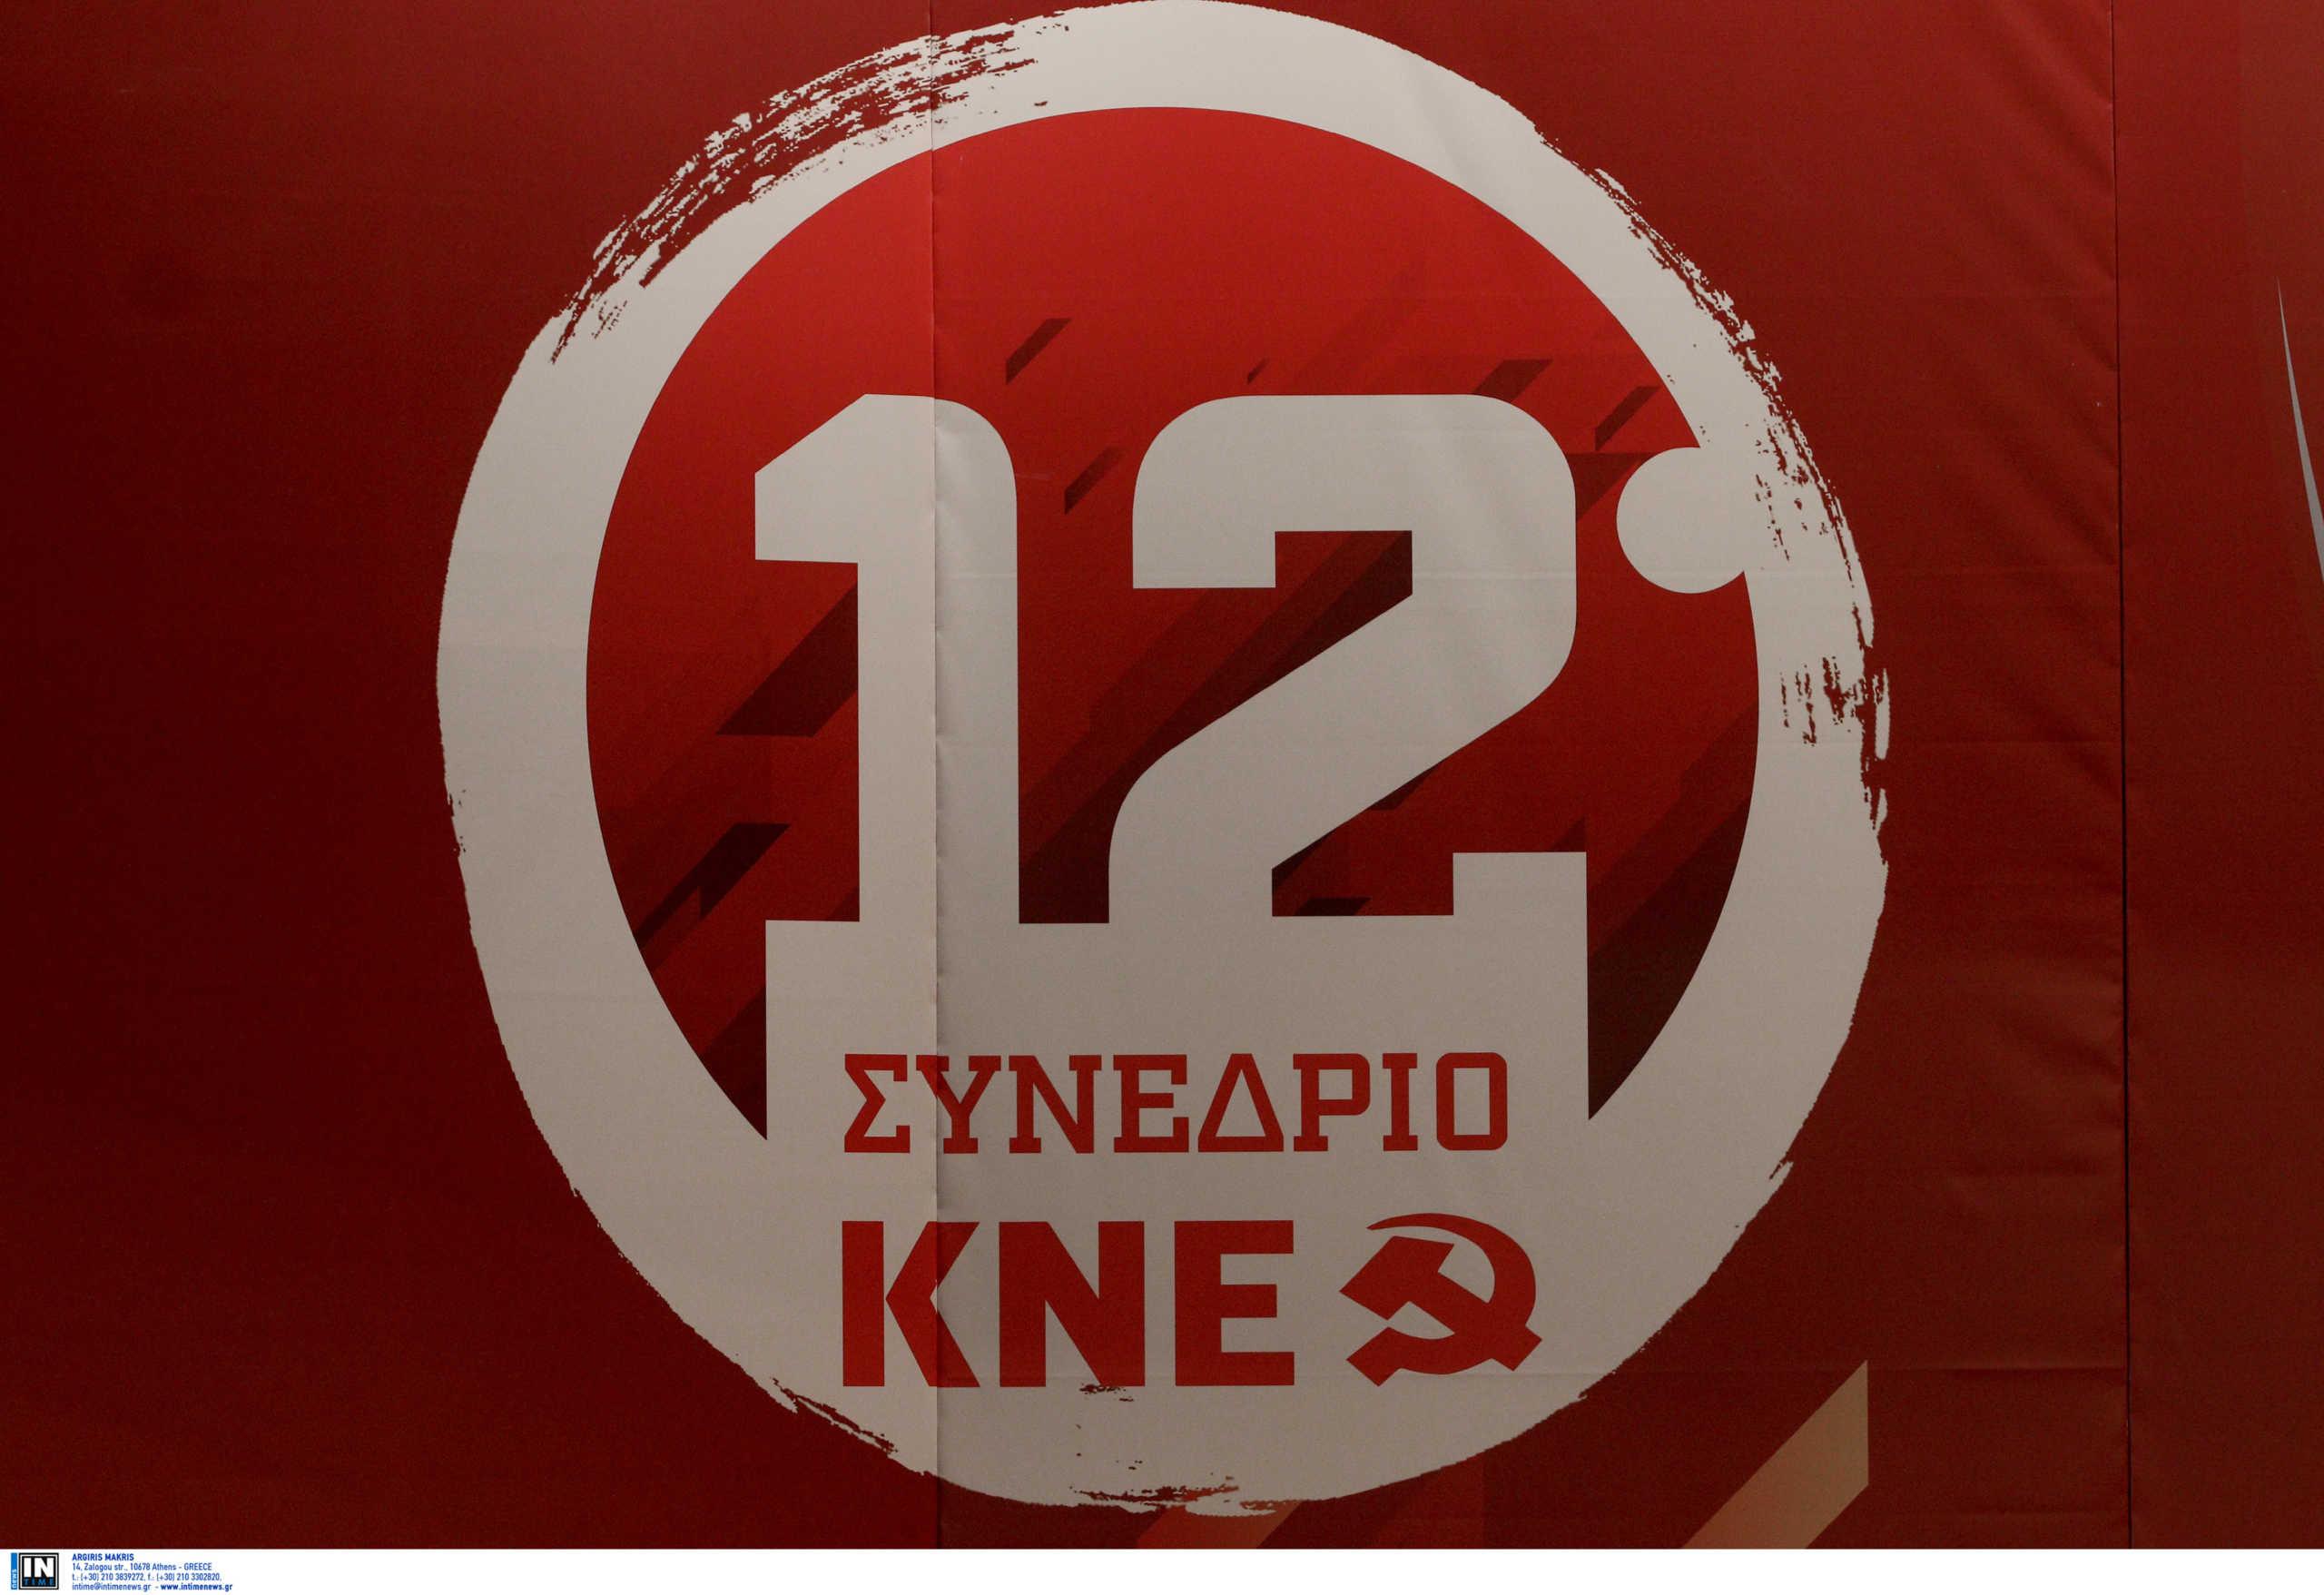 """Θεσσαλονίκη: """"Κινήθηκαν ξανά θρασύδειλα στο σκοτάδι!"""" Καταγγελία της ΚΝΕ για επίθεση στο πρώην στρατόπεδο Παύλου Μελά"""